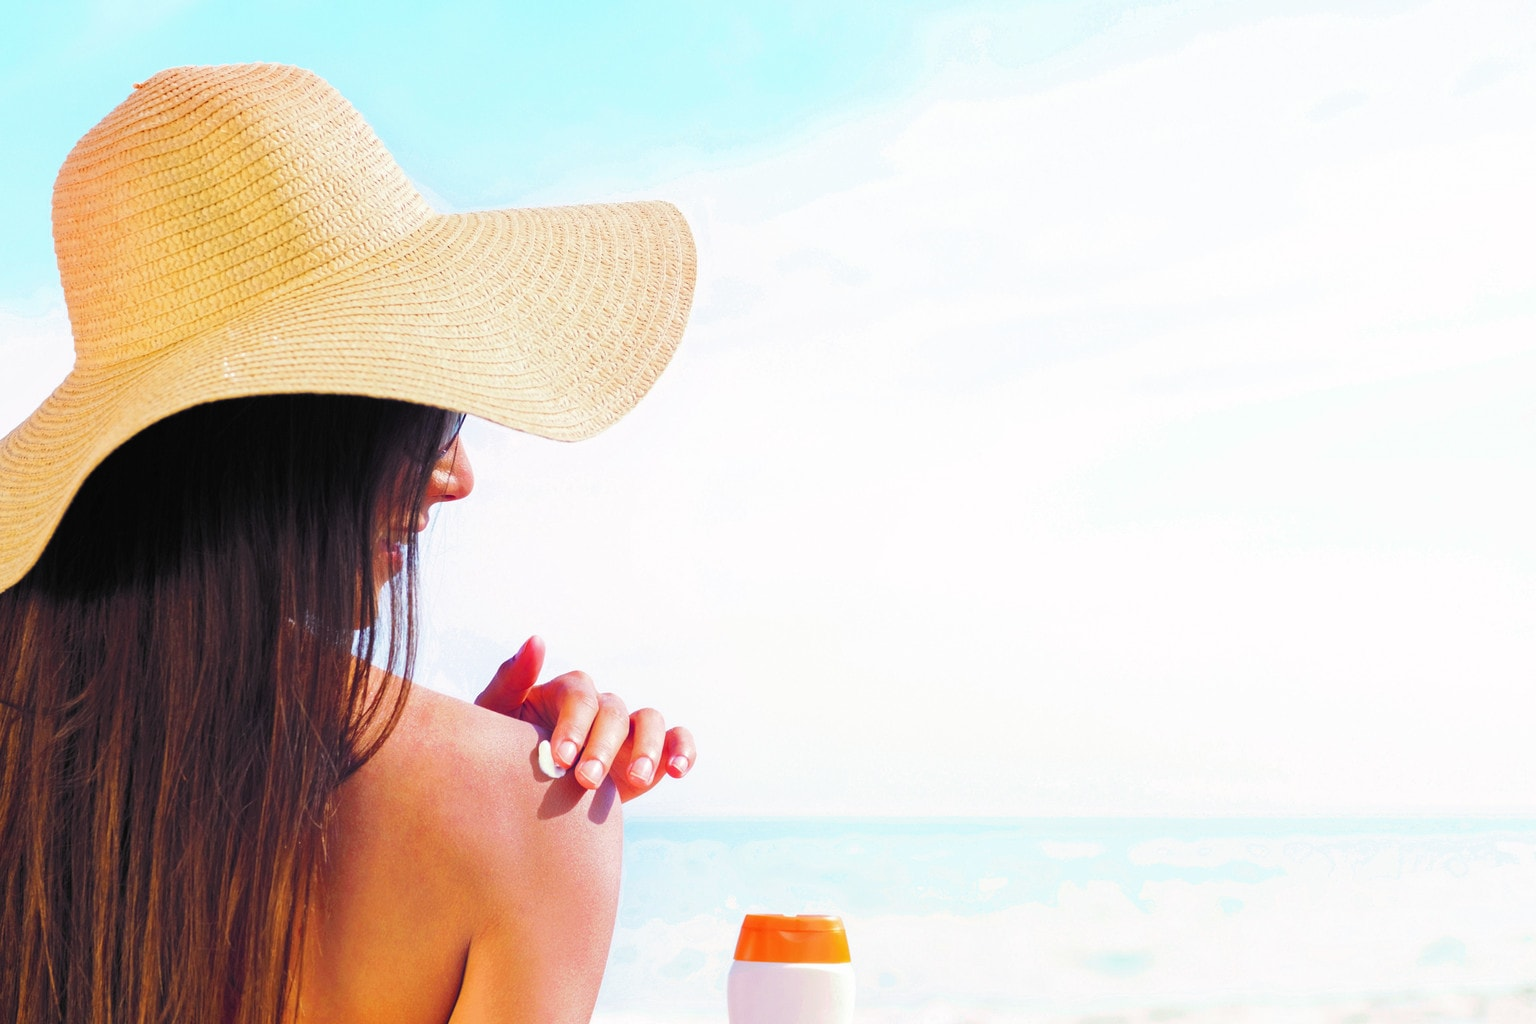 Brunette in Sun Hat Applying Sunscreen